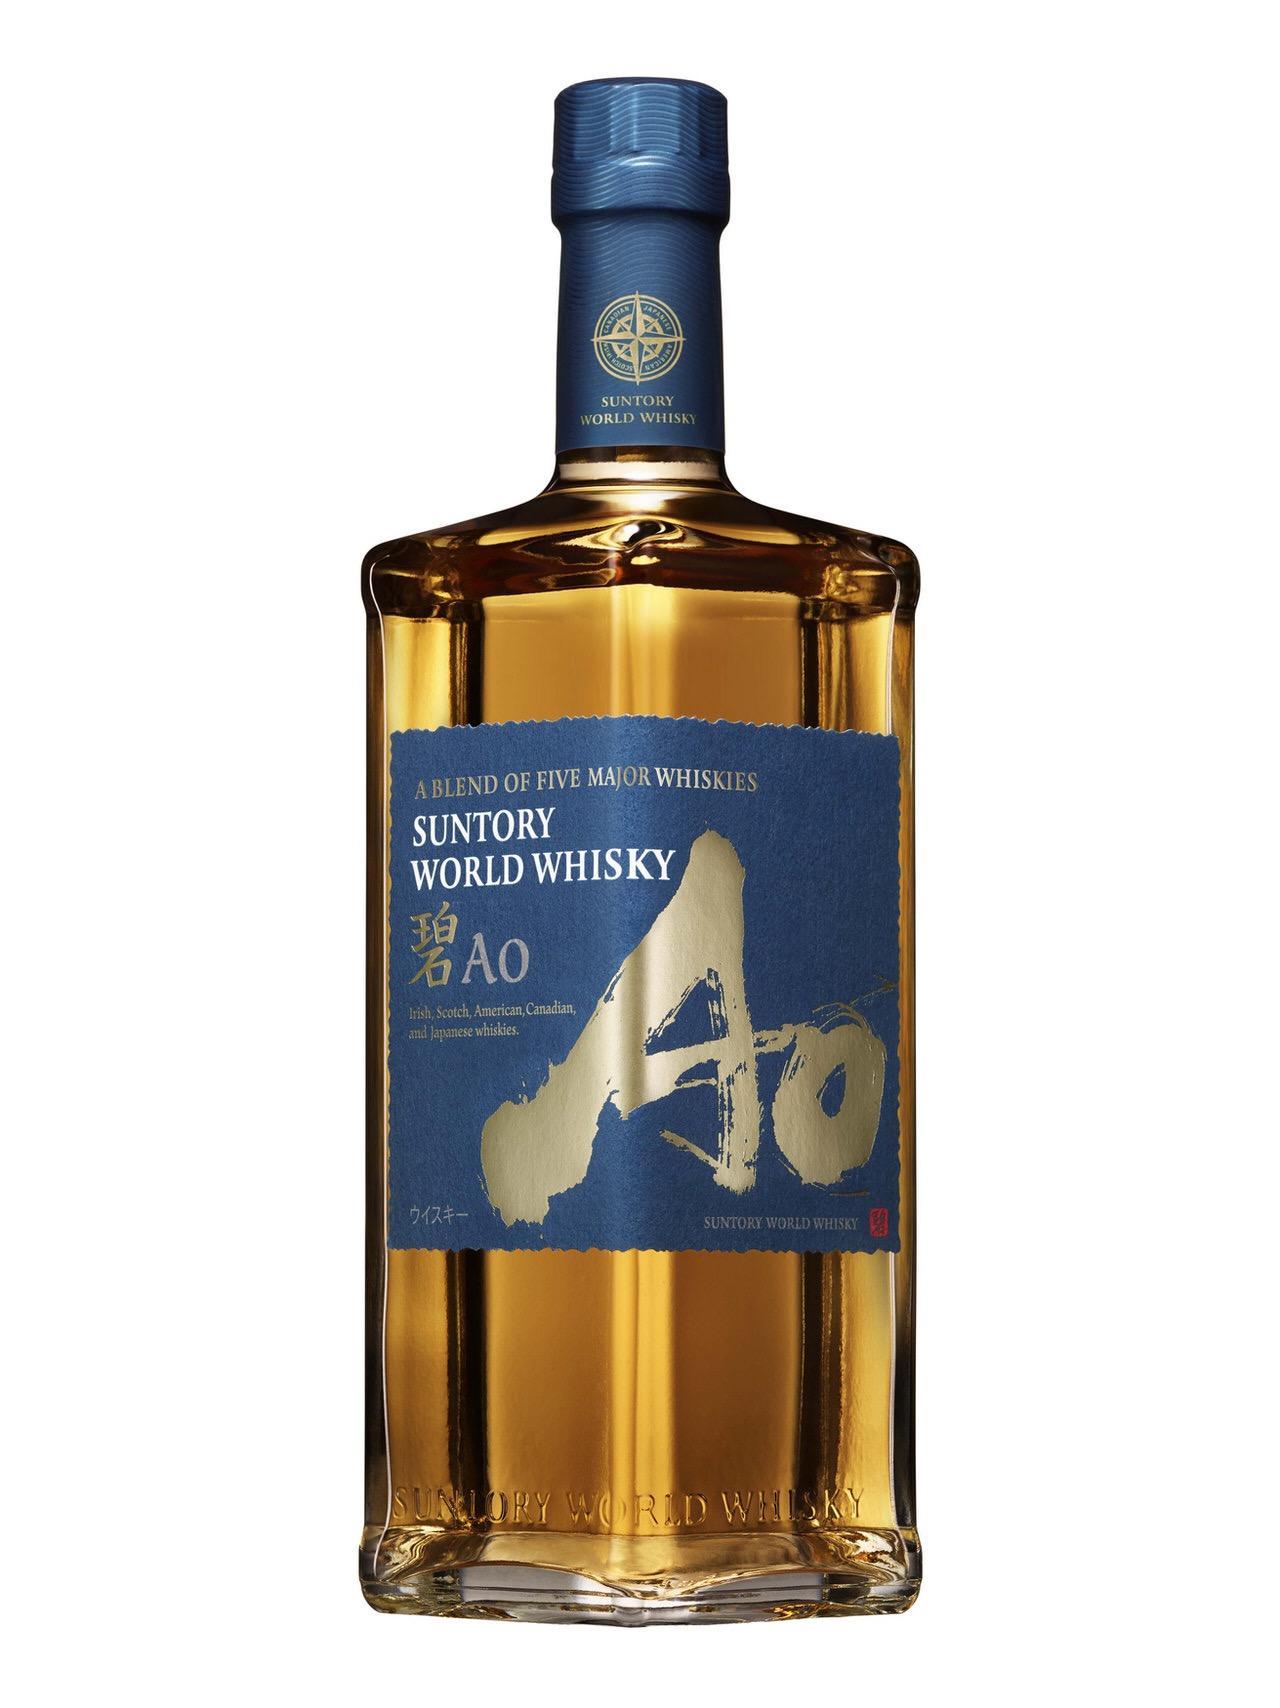 「碧Ao」世界5大ウイスキー産地の自社蒸溜所の原酒のみをブレンドした世界初のウイスキー